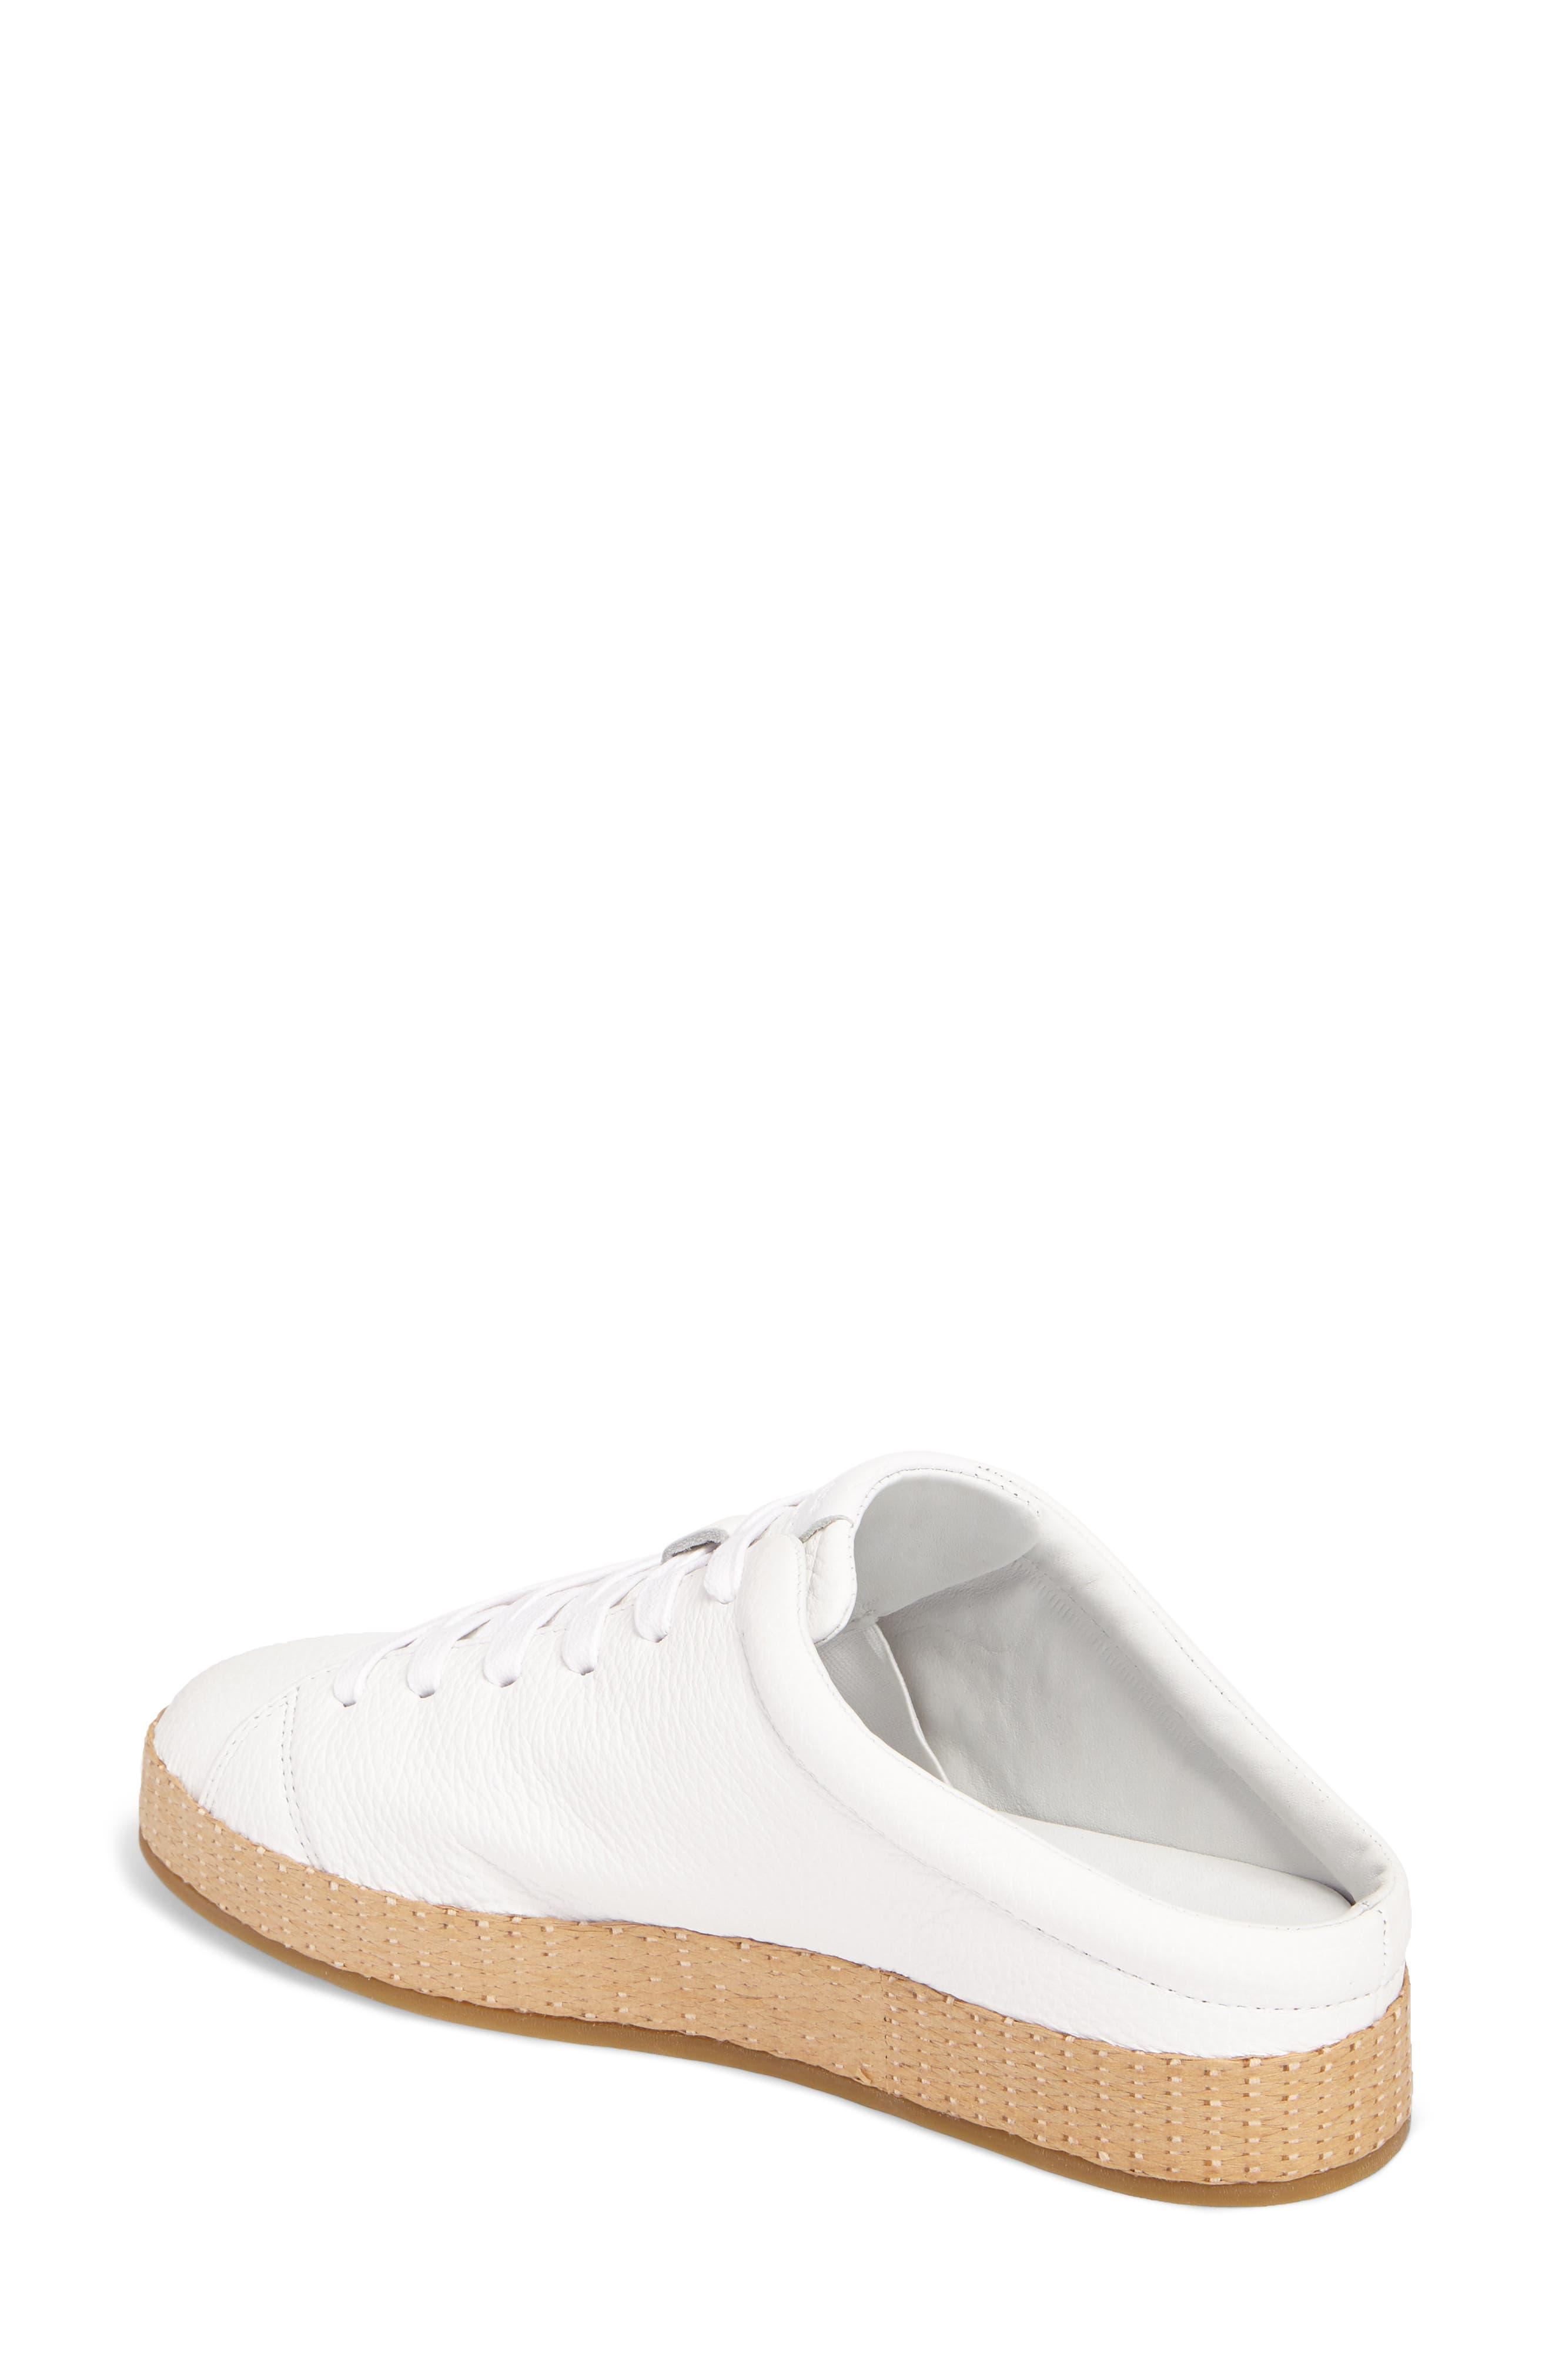 RB1 Slip-On Sneaker,                             Alternate thumbnail 2, color,                             White